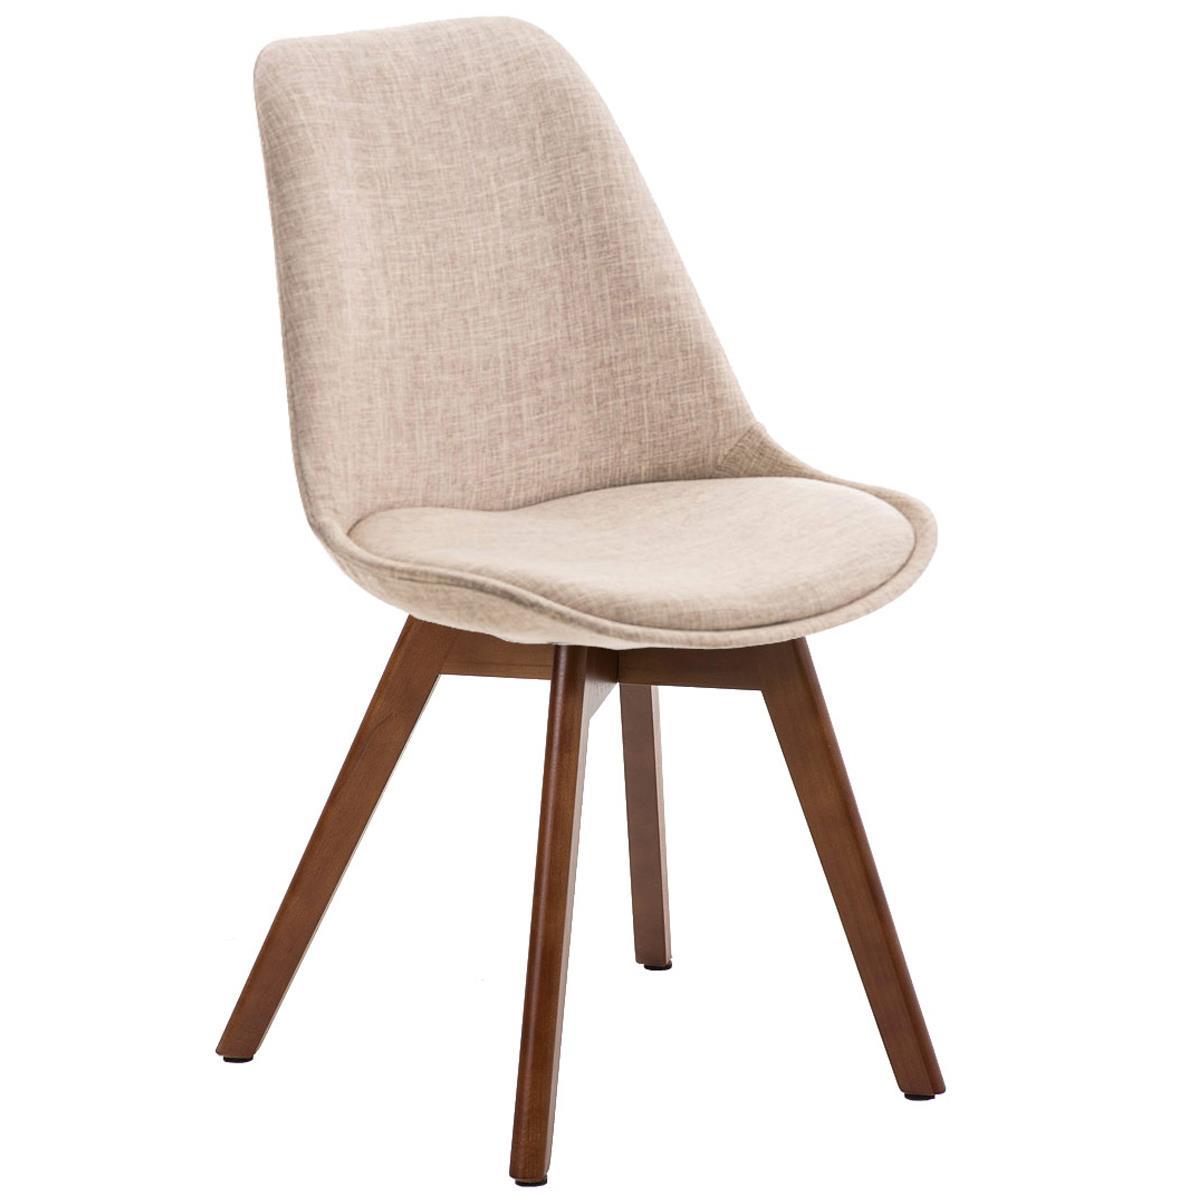 Silla de comedor loren tela color crema y patas en nogal - Tela para sillas de comedor ...